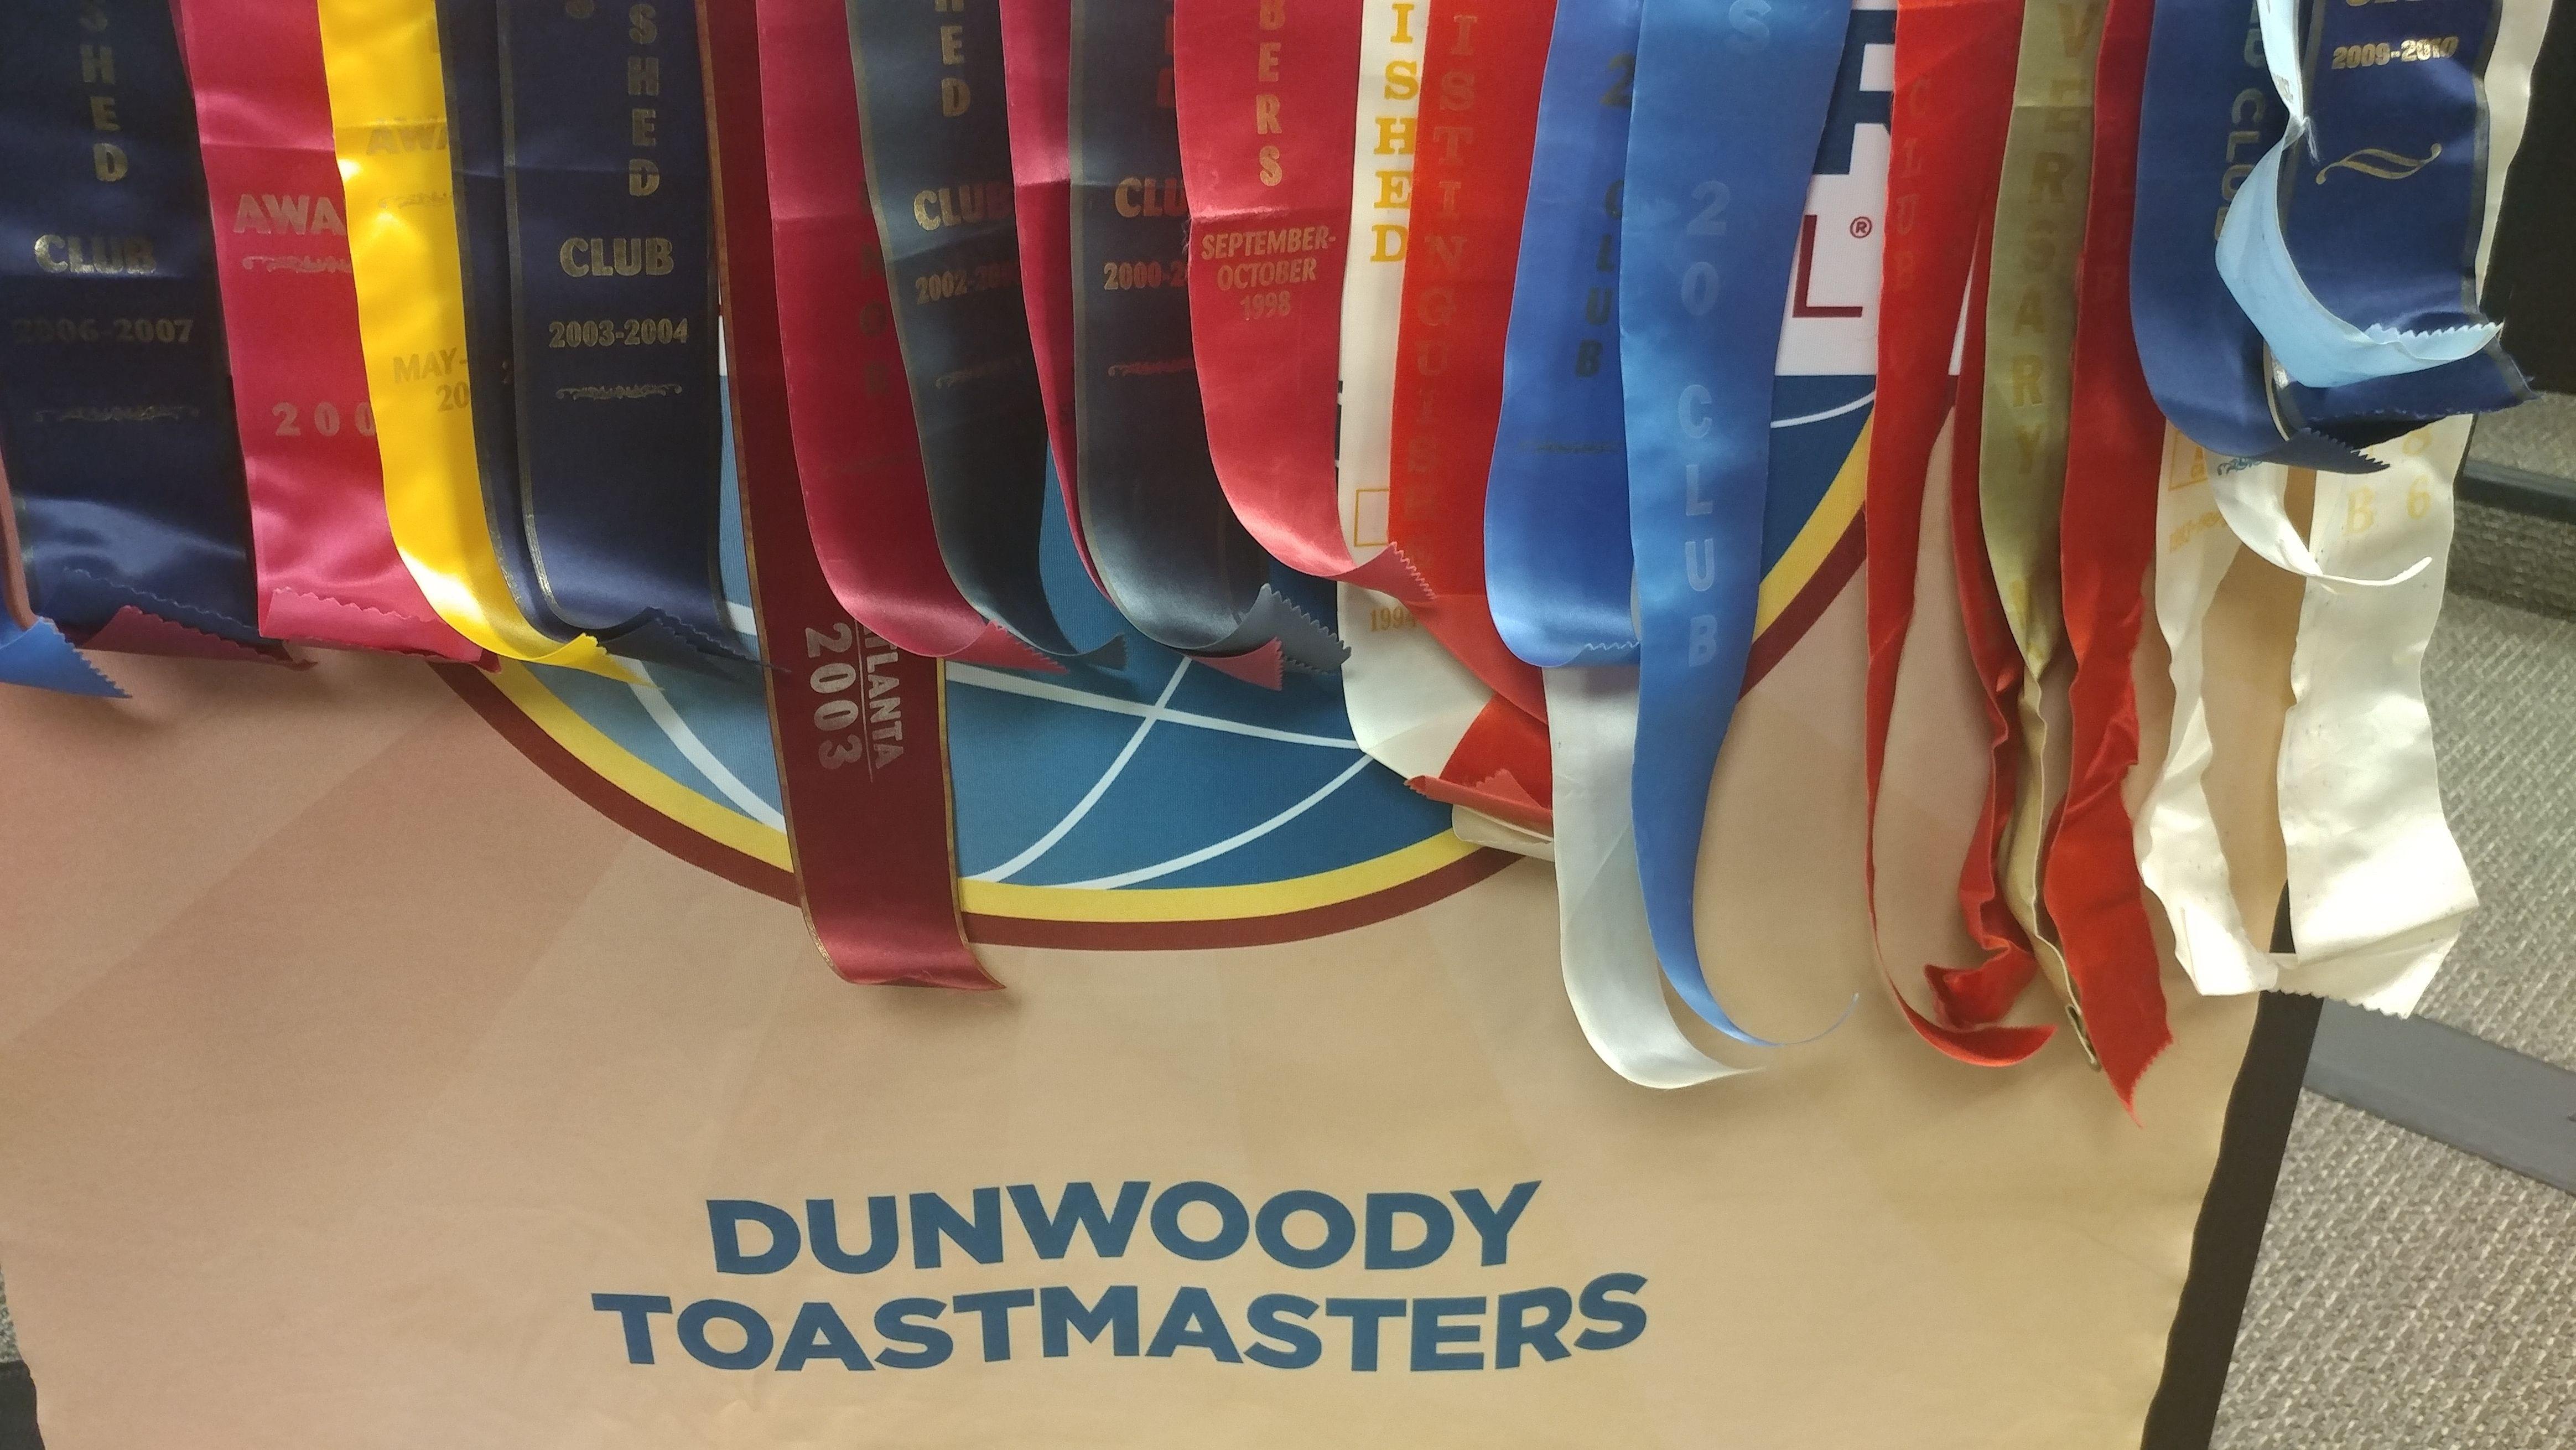 Dunwoody Toastmasters Club